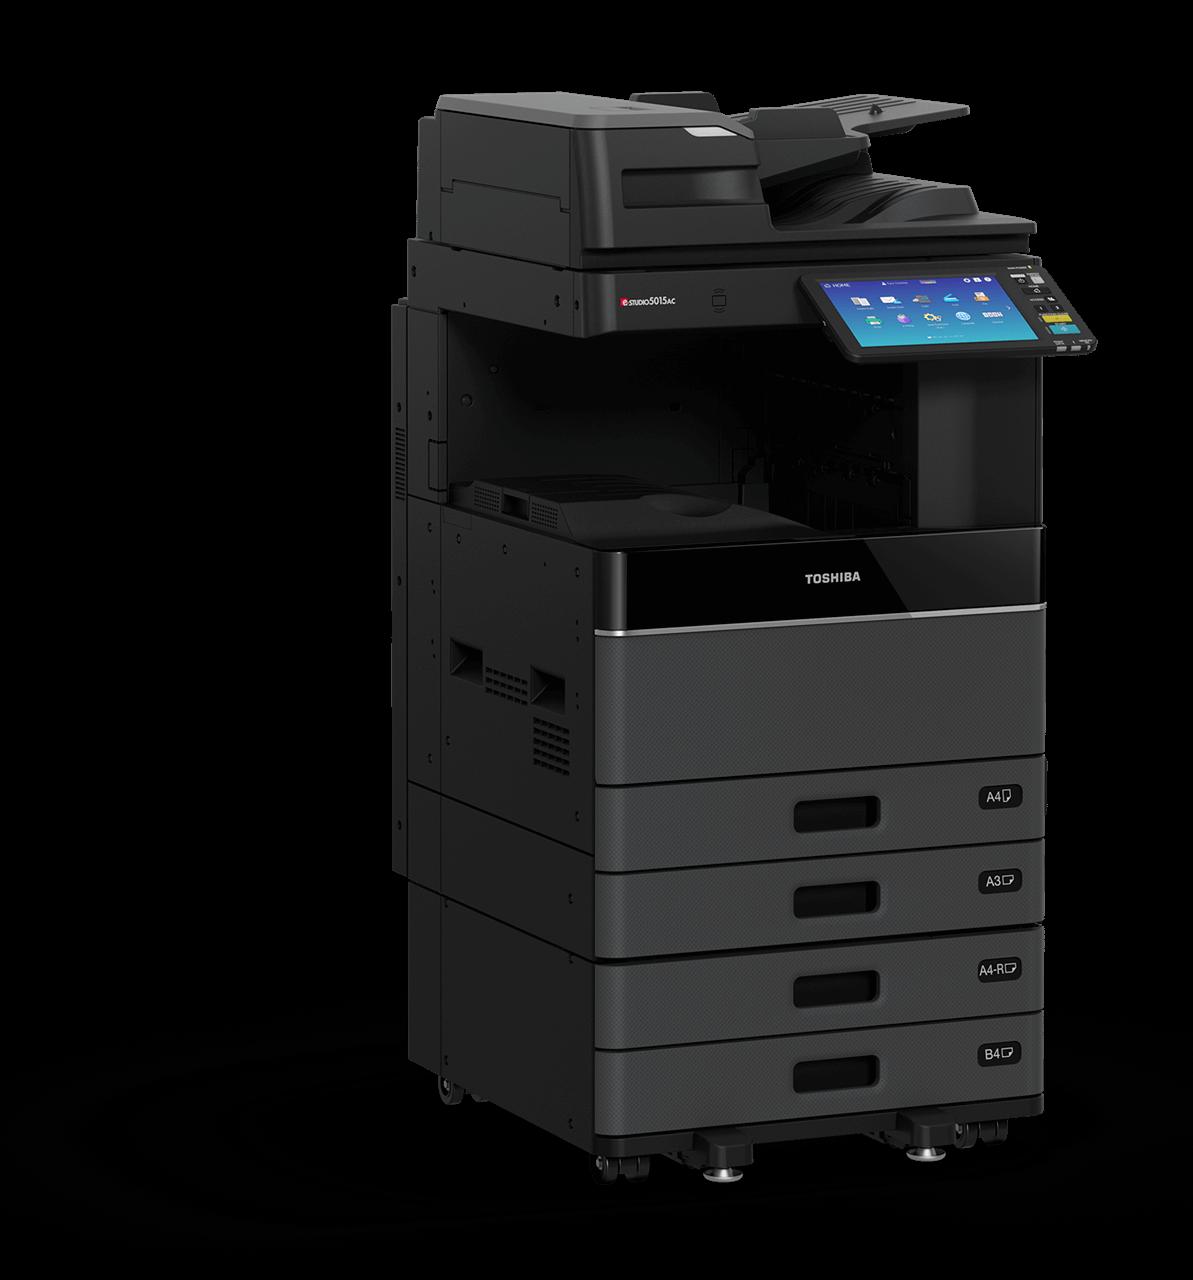 Cho thuê máy photocopy TOSHIBA 2508A/3008A/3508A/4508A/5008A đen trắng ở củ chi.